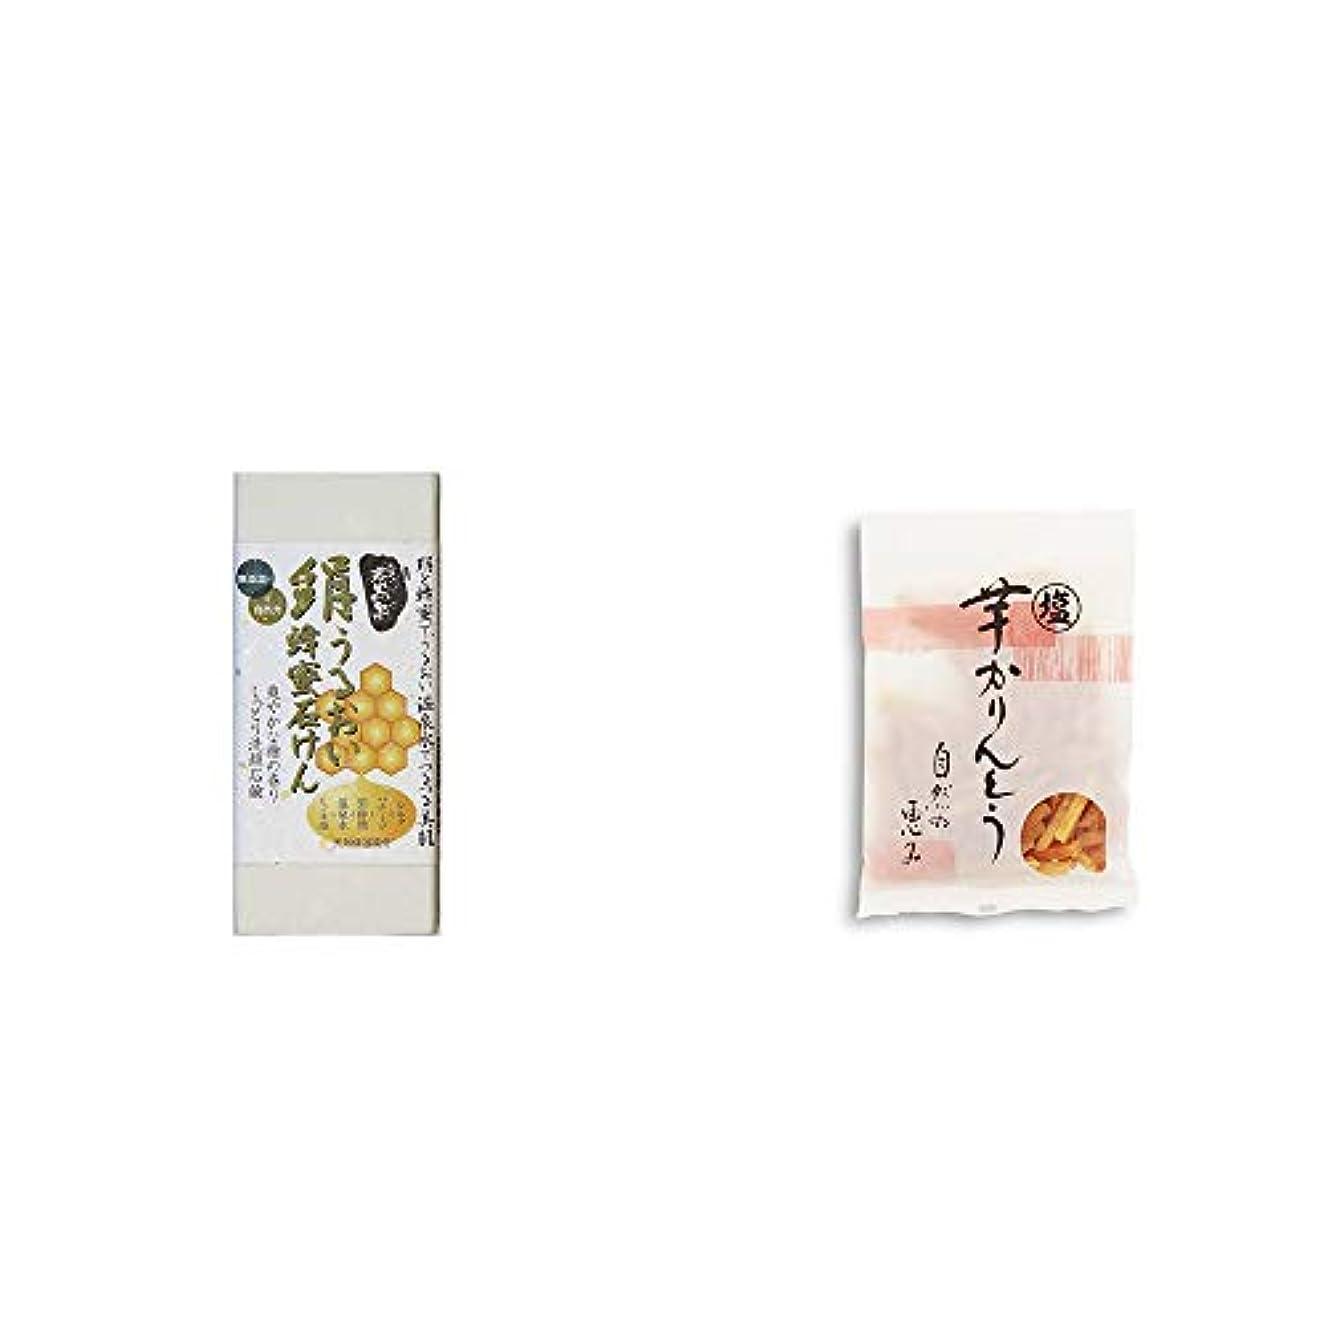 栄光オーガニックむき出し[2点セット] ひのき炭黒泉 絹うるおい蜂蜜石けん(75g×2)?塩芋かりんとう(150g)